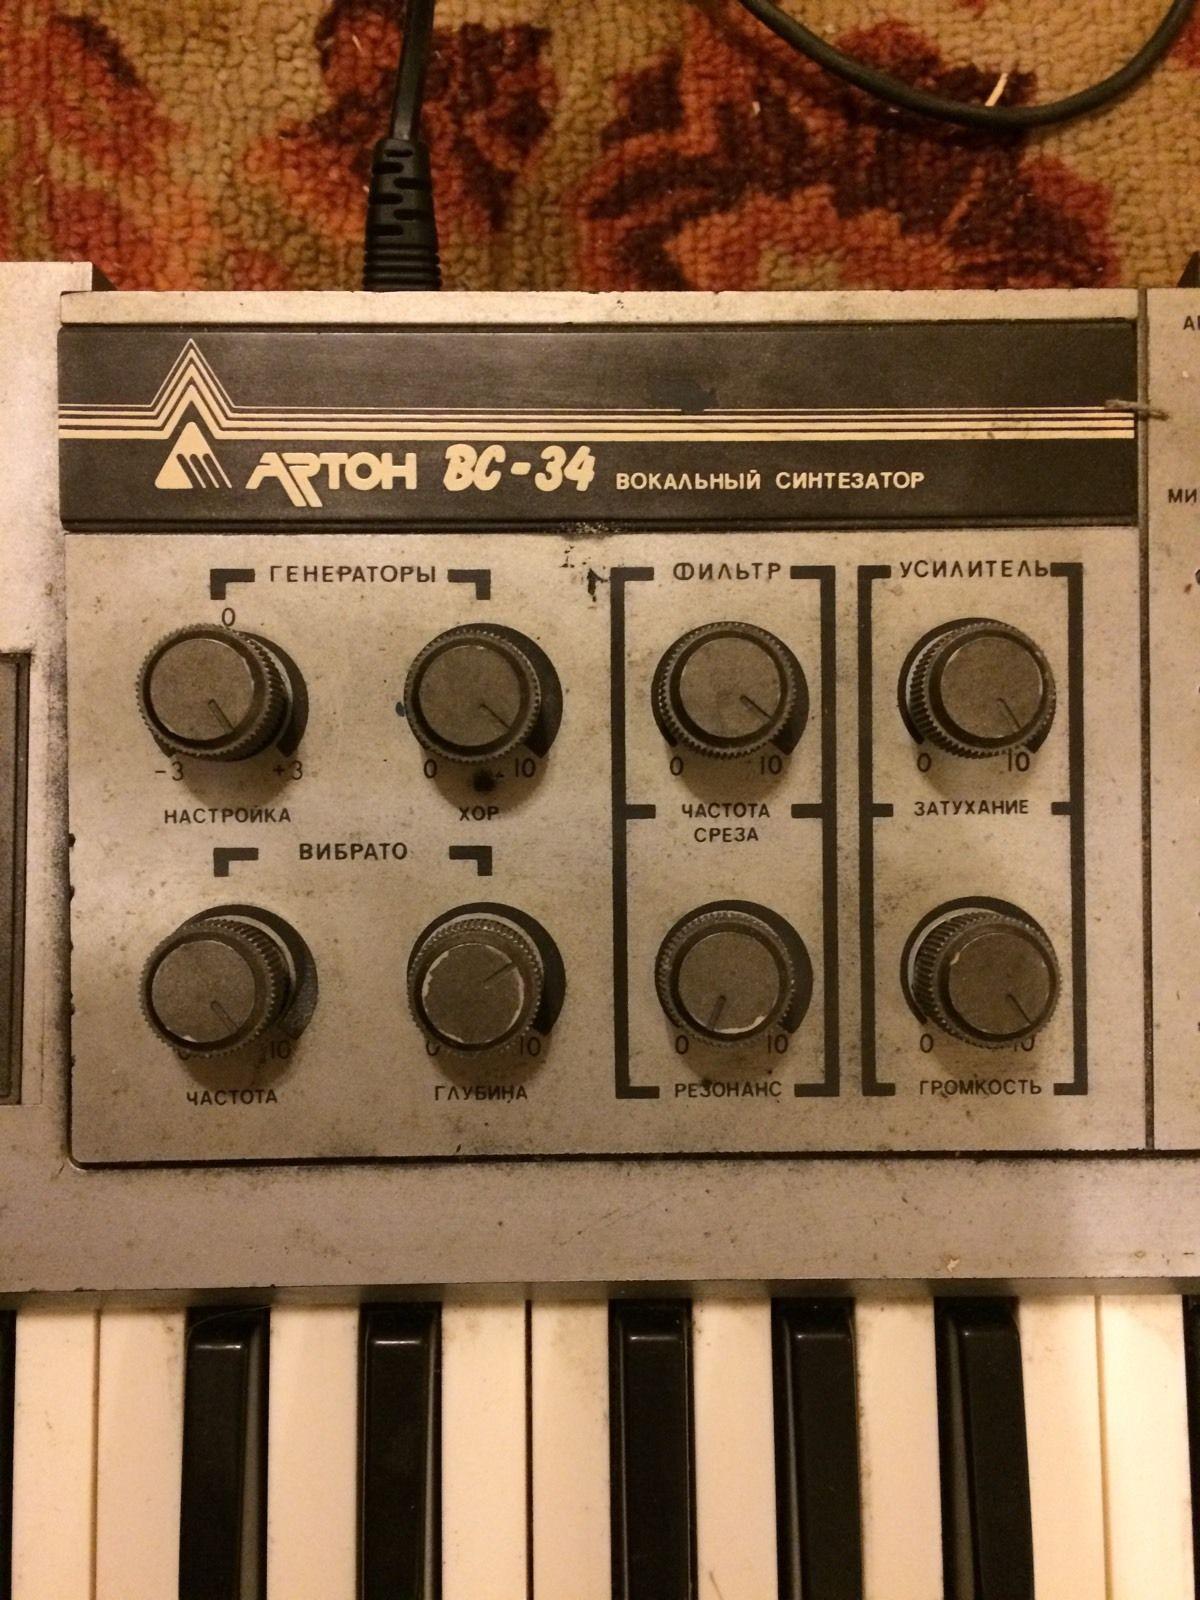 MATRIXSYNTH: RARE Soviet Analog Voice Synth Arton-VS-34